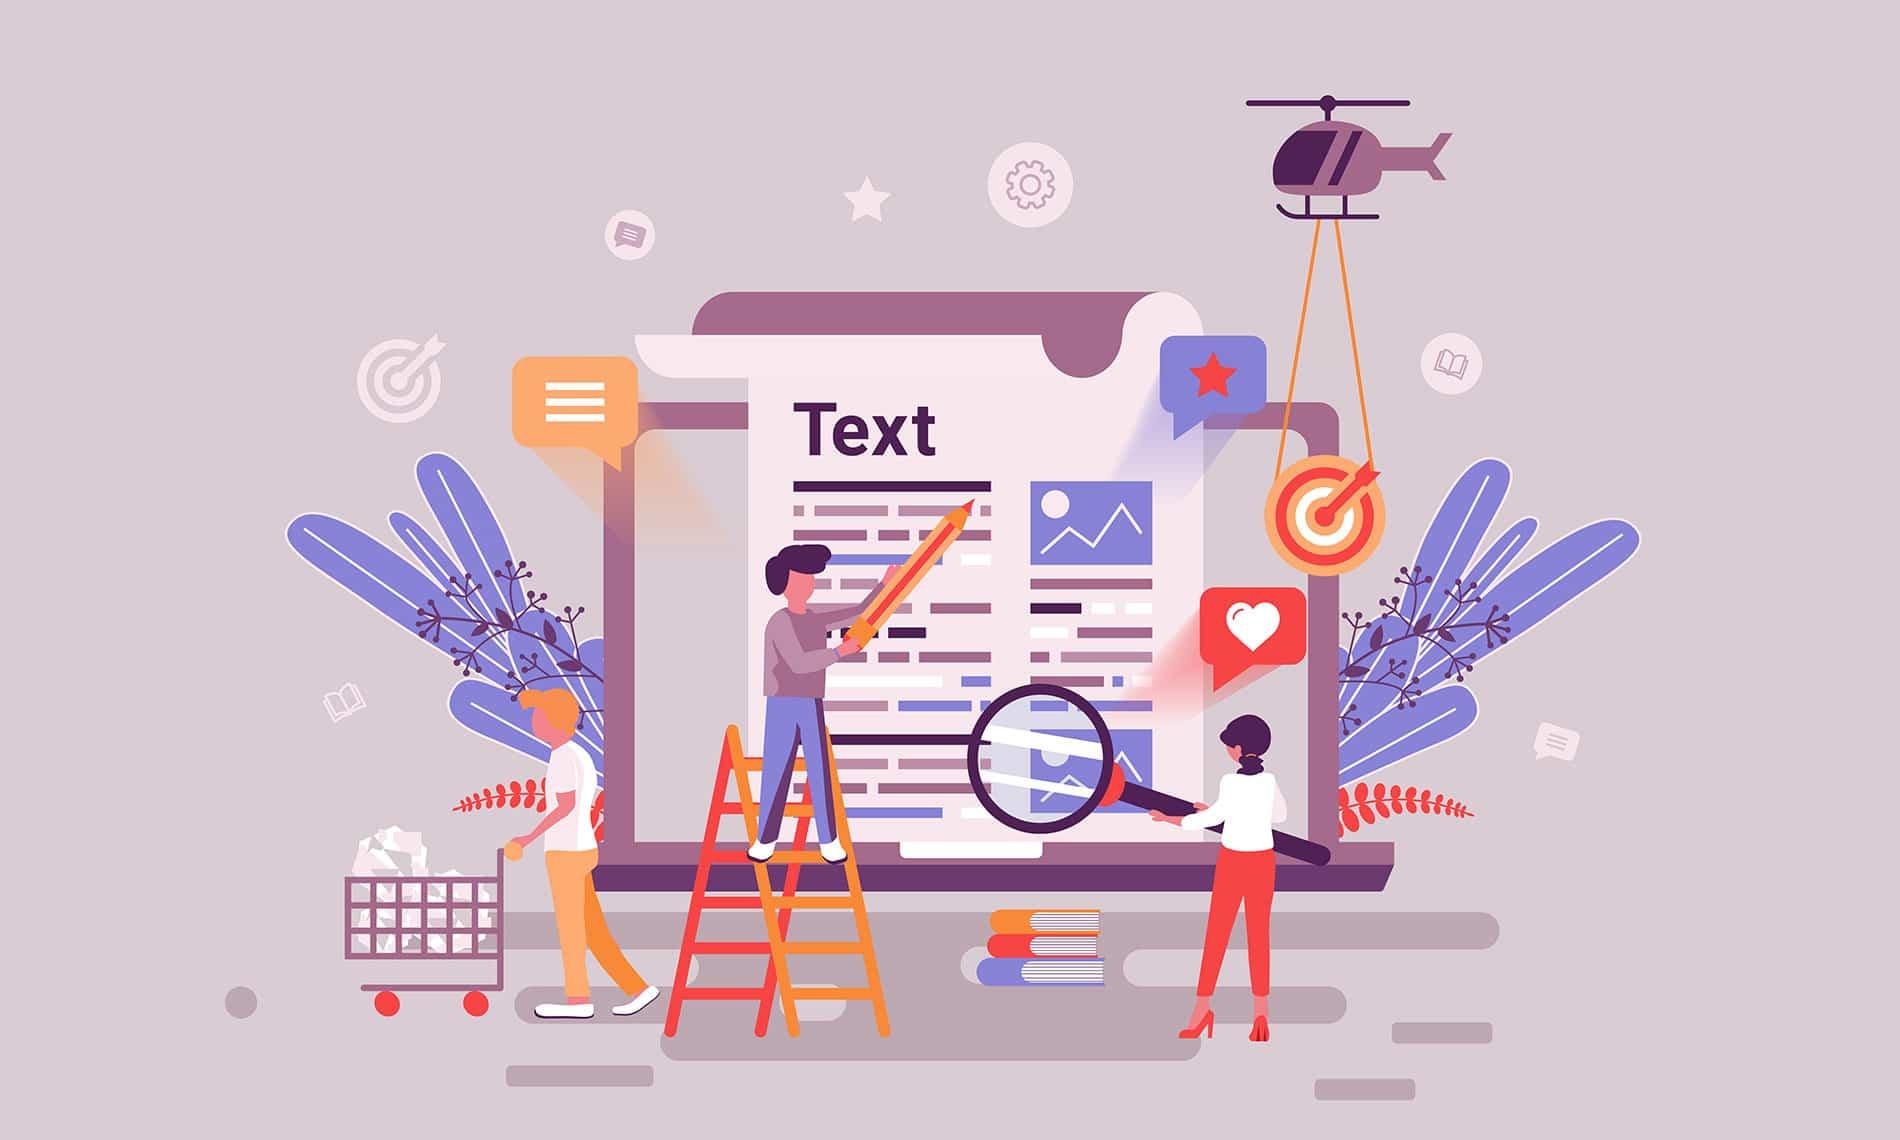 Content Marketing 2020 và bộ hướng dẫn cơ bản dành cho các marketers